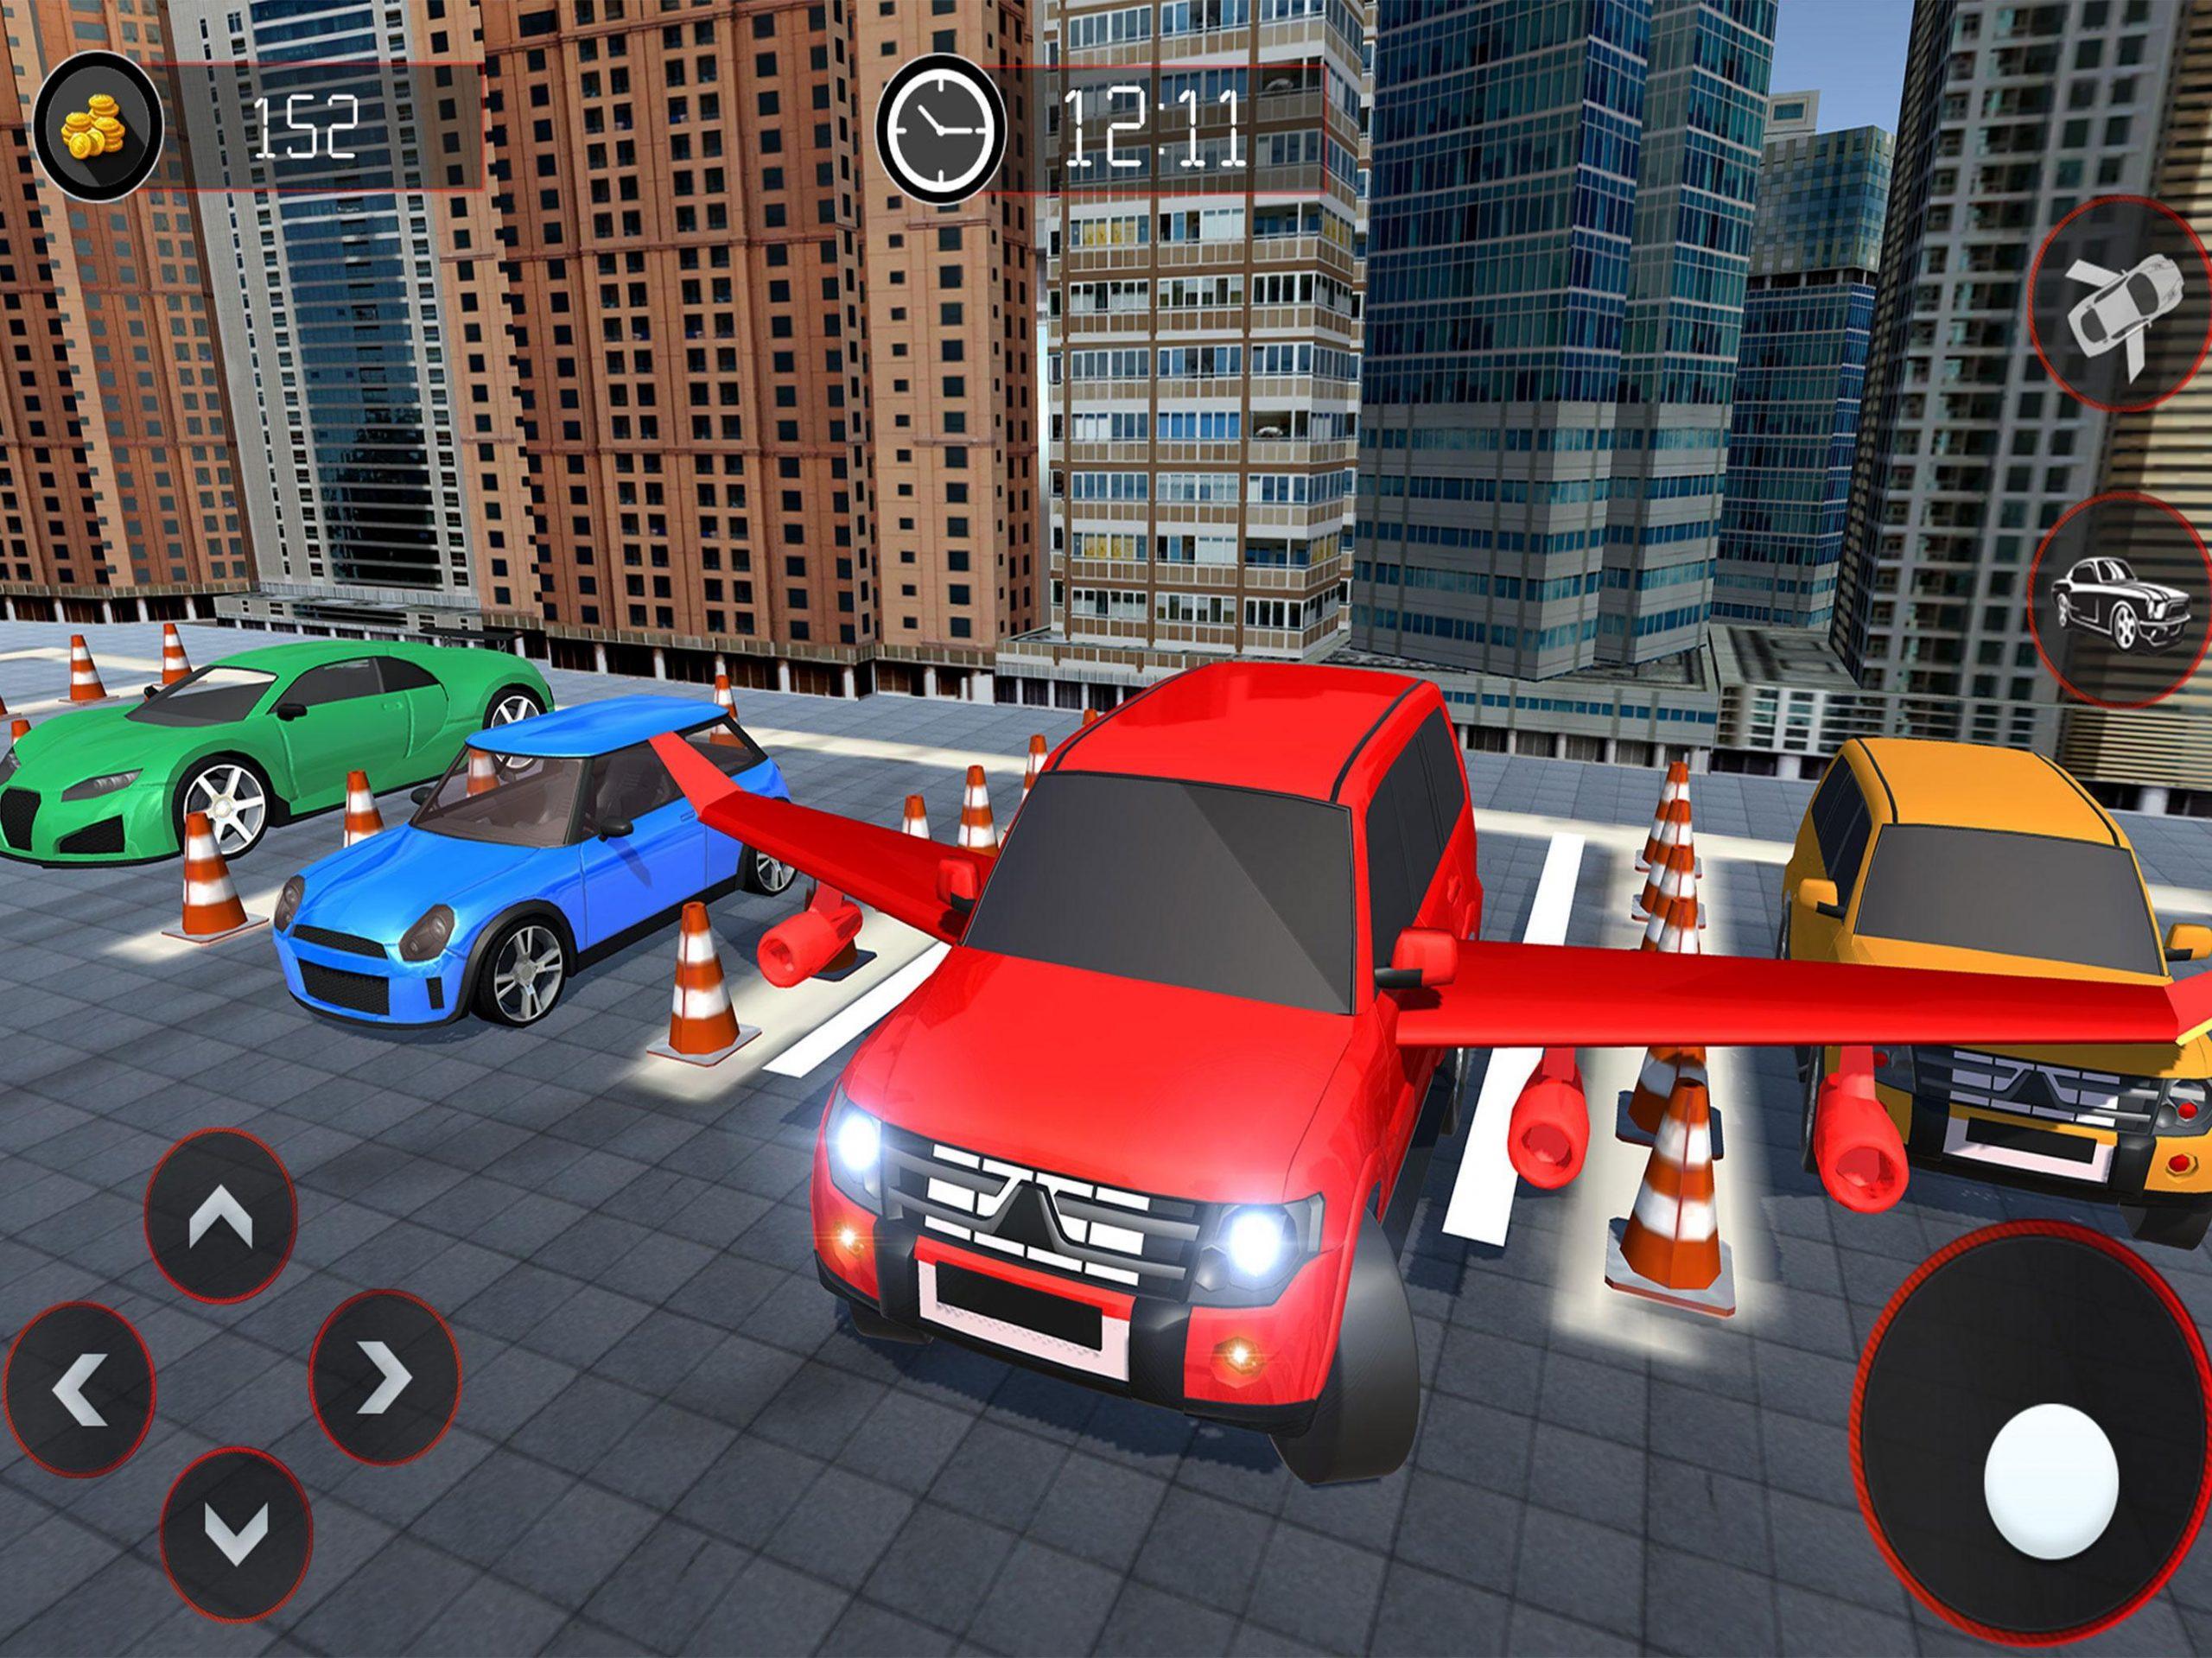 Jeu De Voiture Volant - Prado Car Parking Games 3D Pour dedans Jeux De Voiture Au Volant